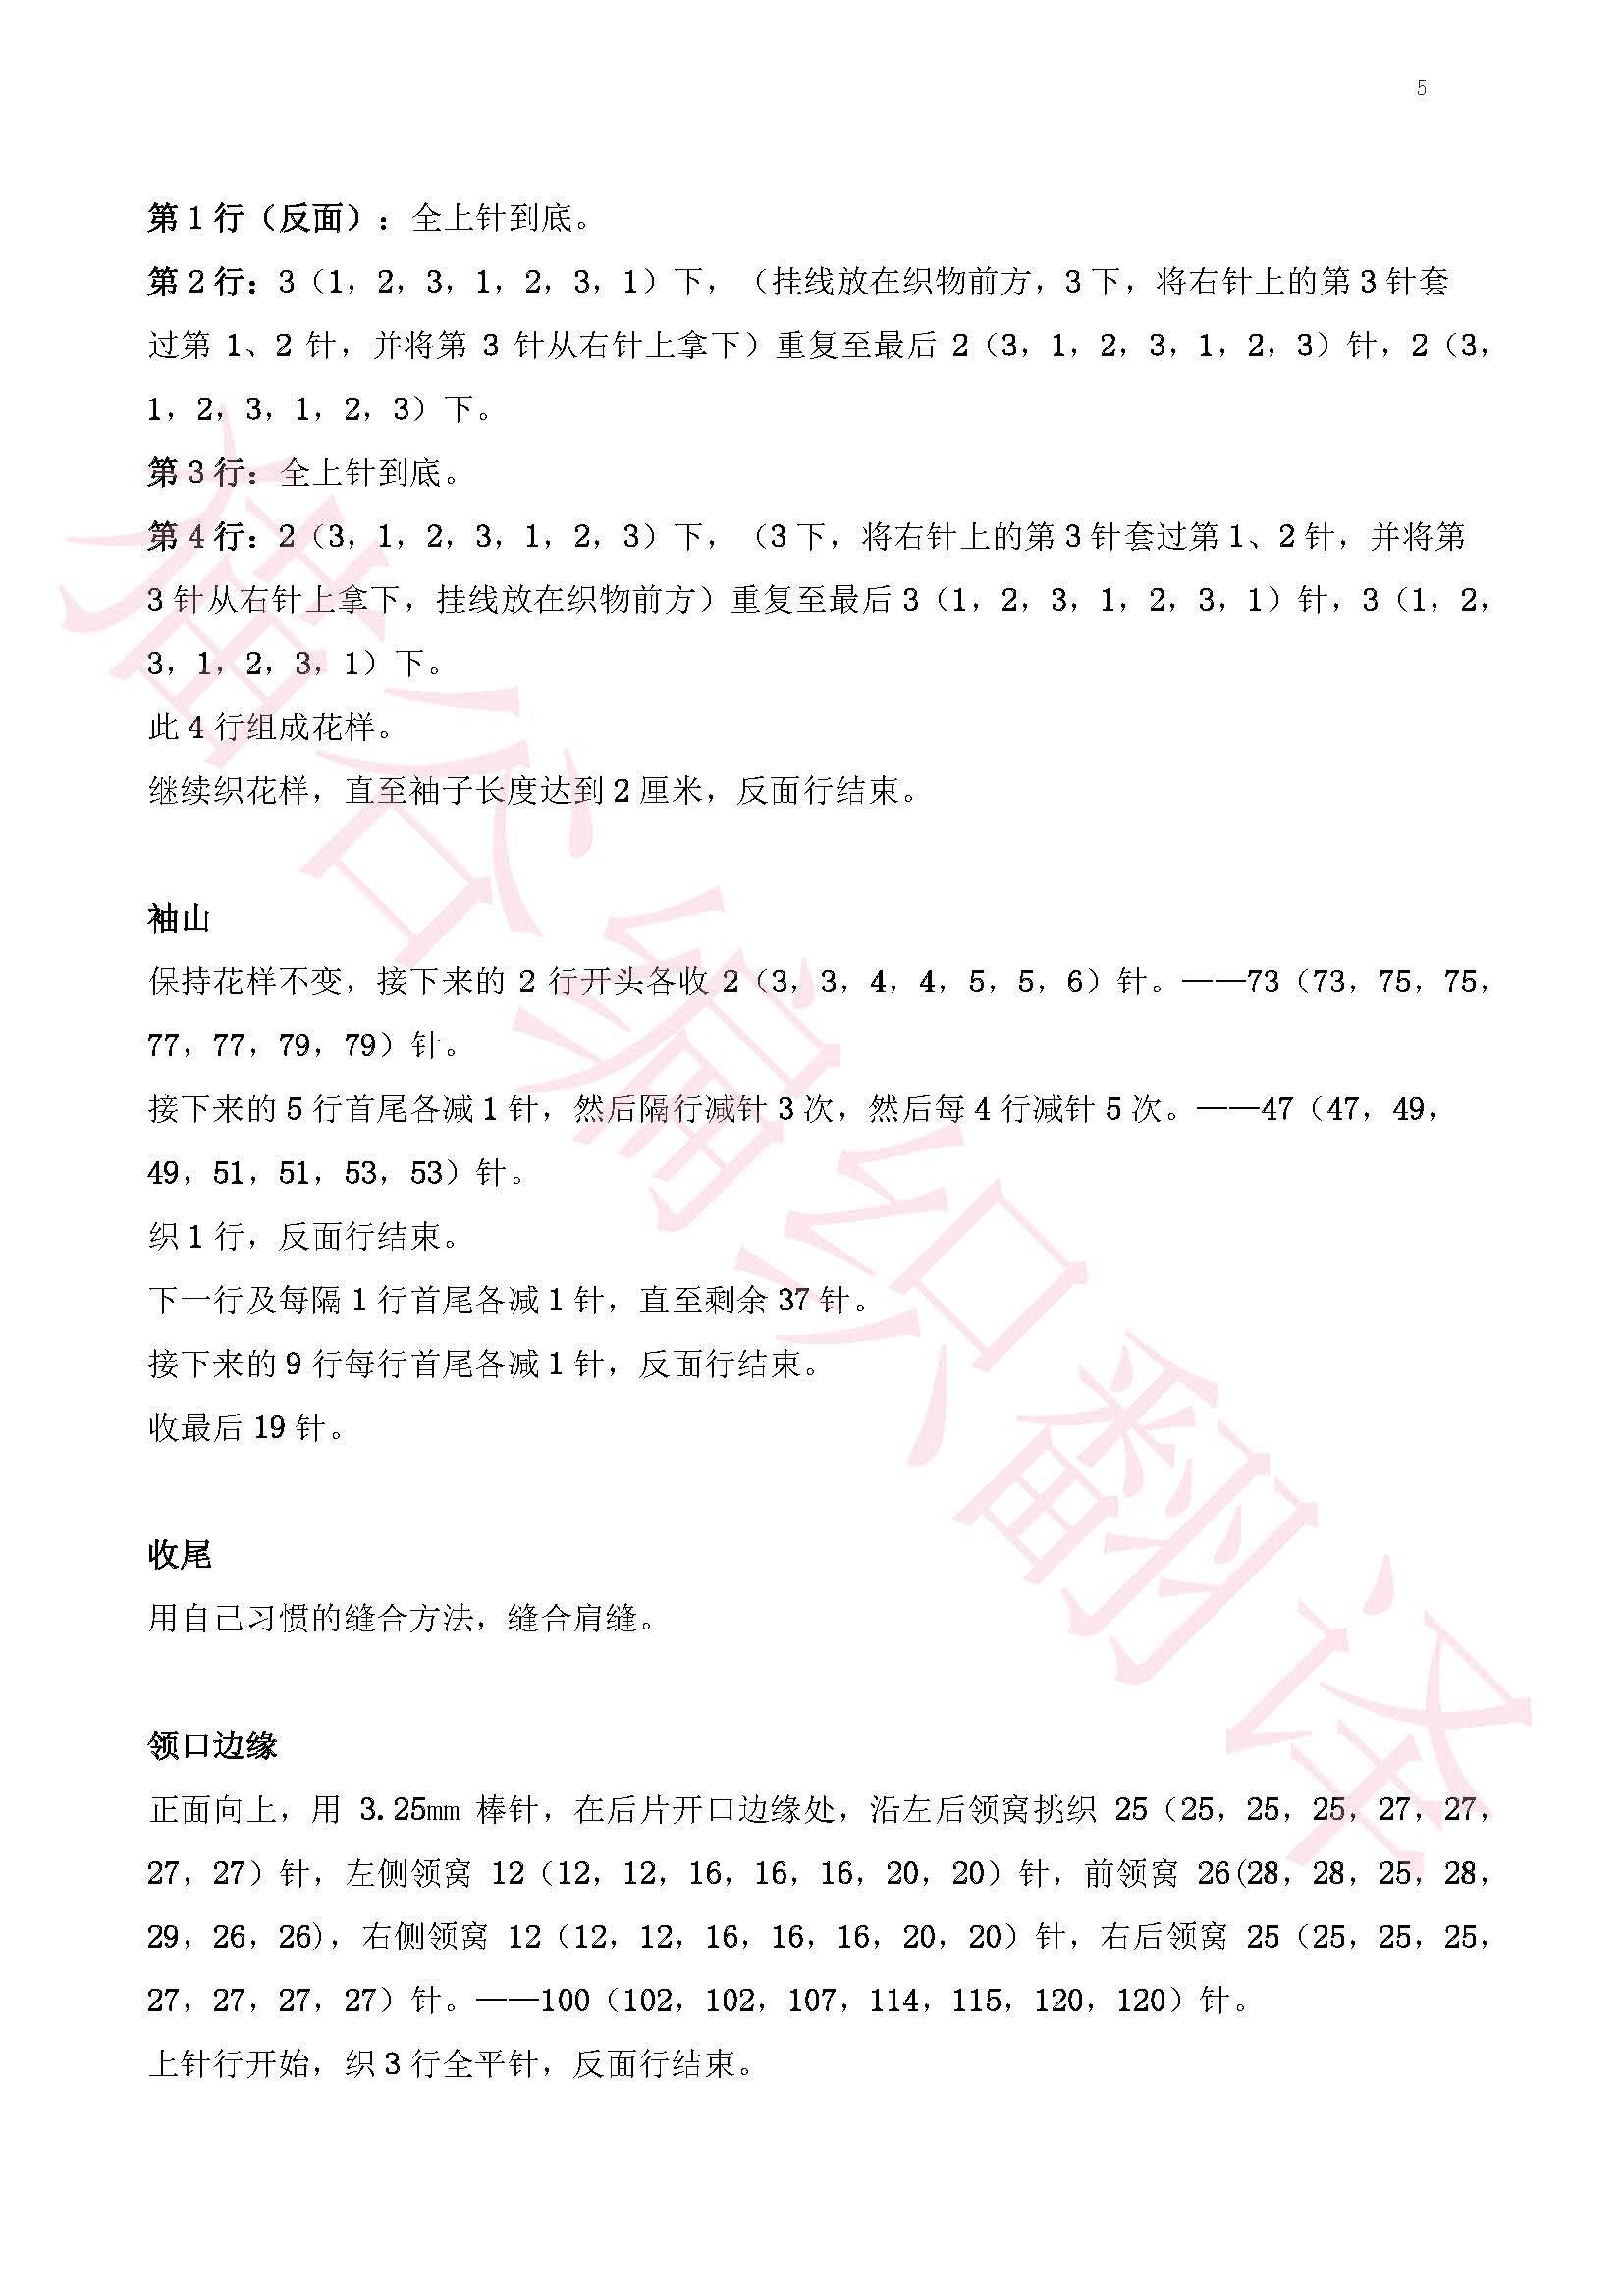 卷轻霜_页面_5.jpg